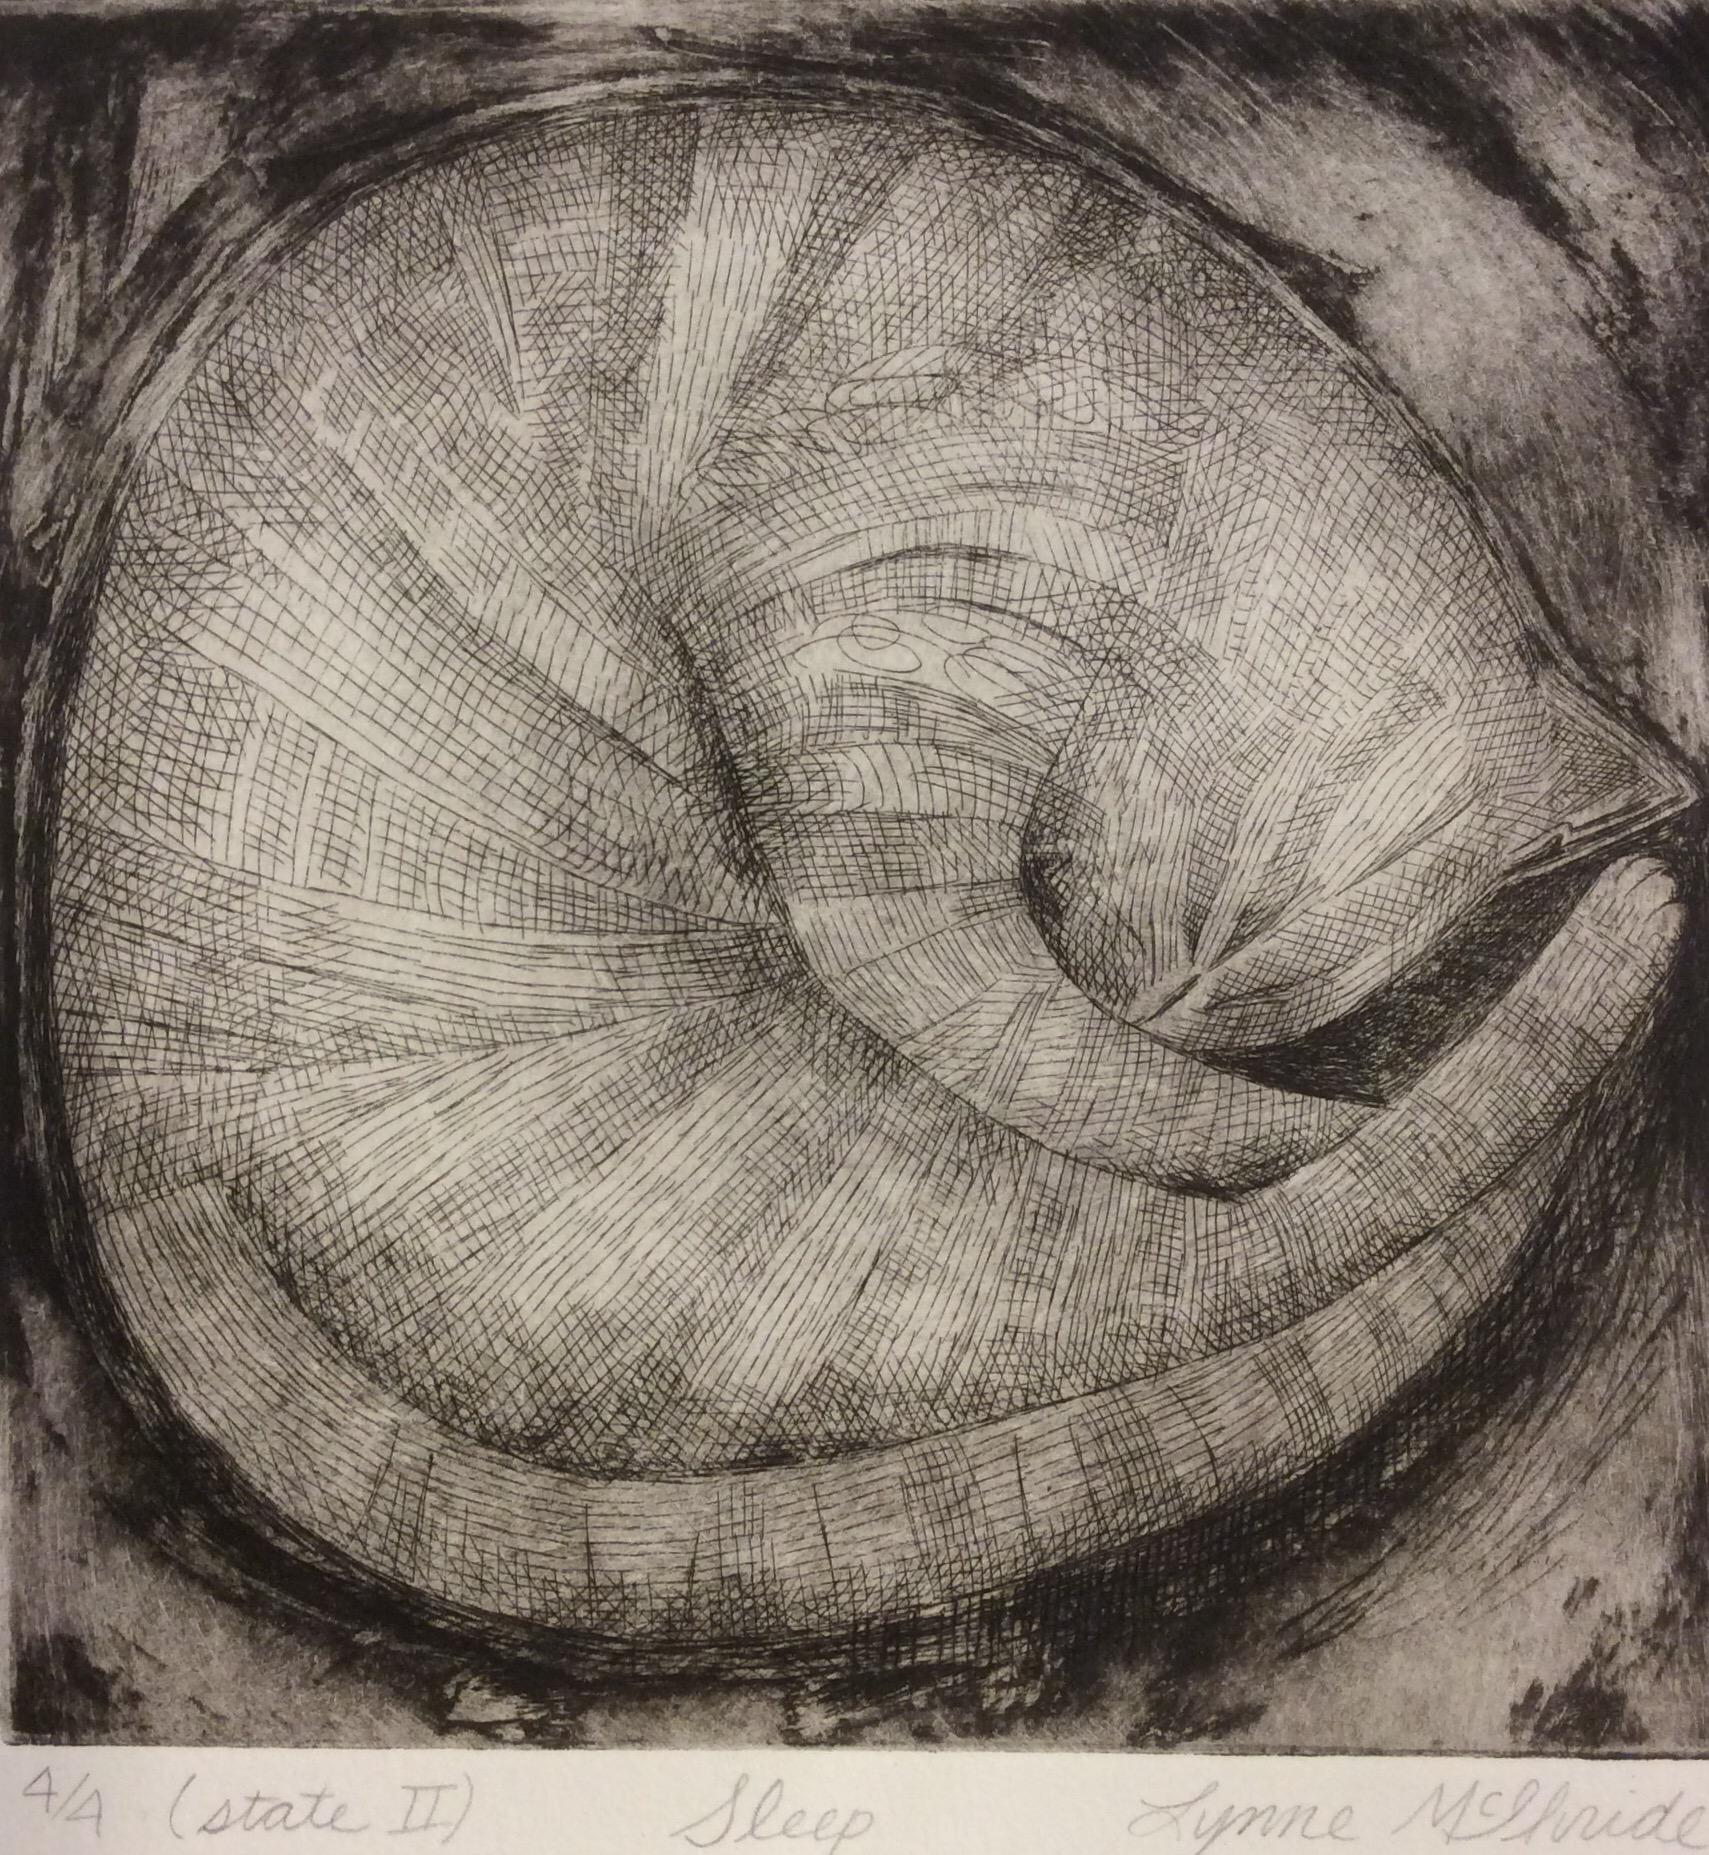 Sleep, etching